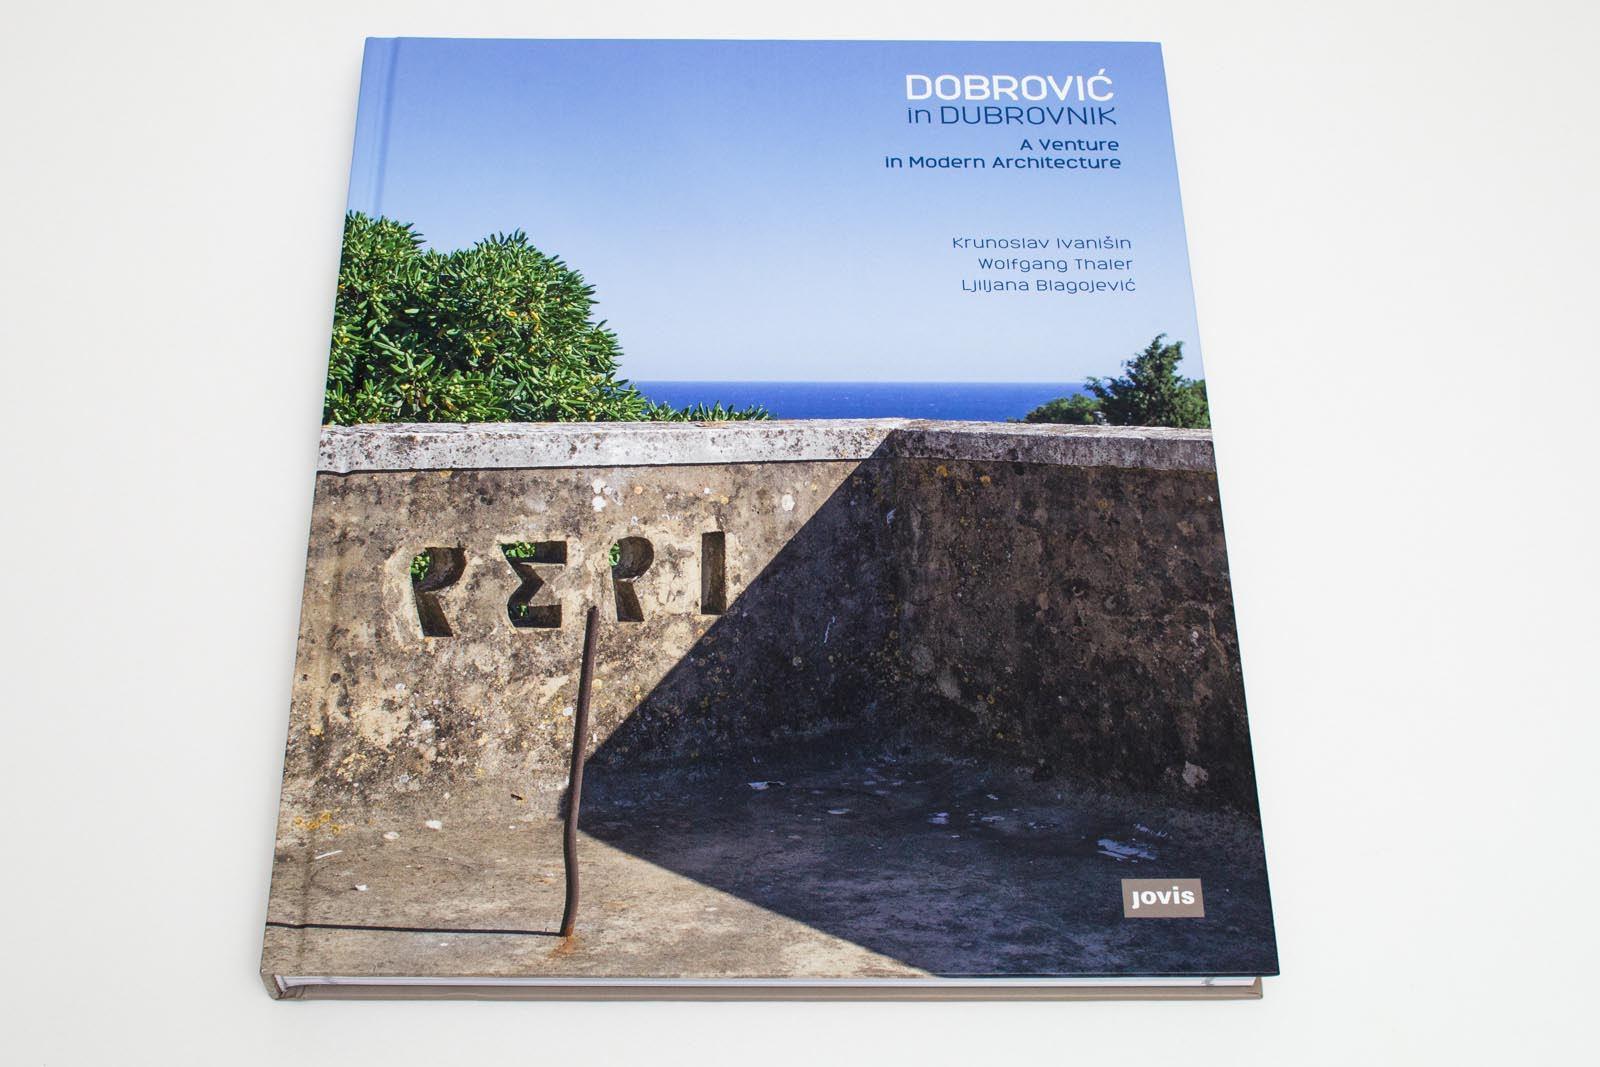 Dobrovic in Dubrovnik